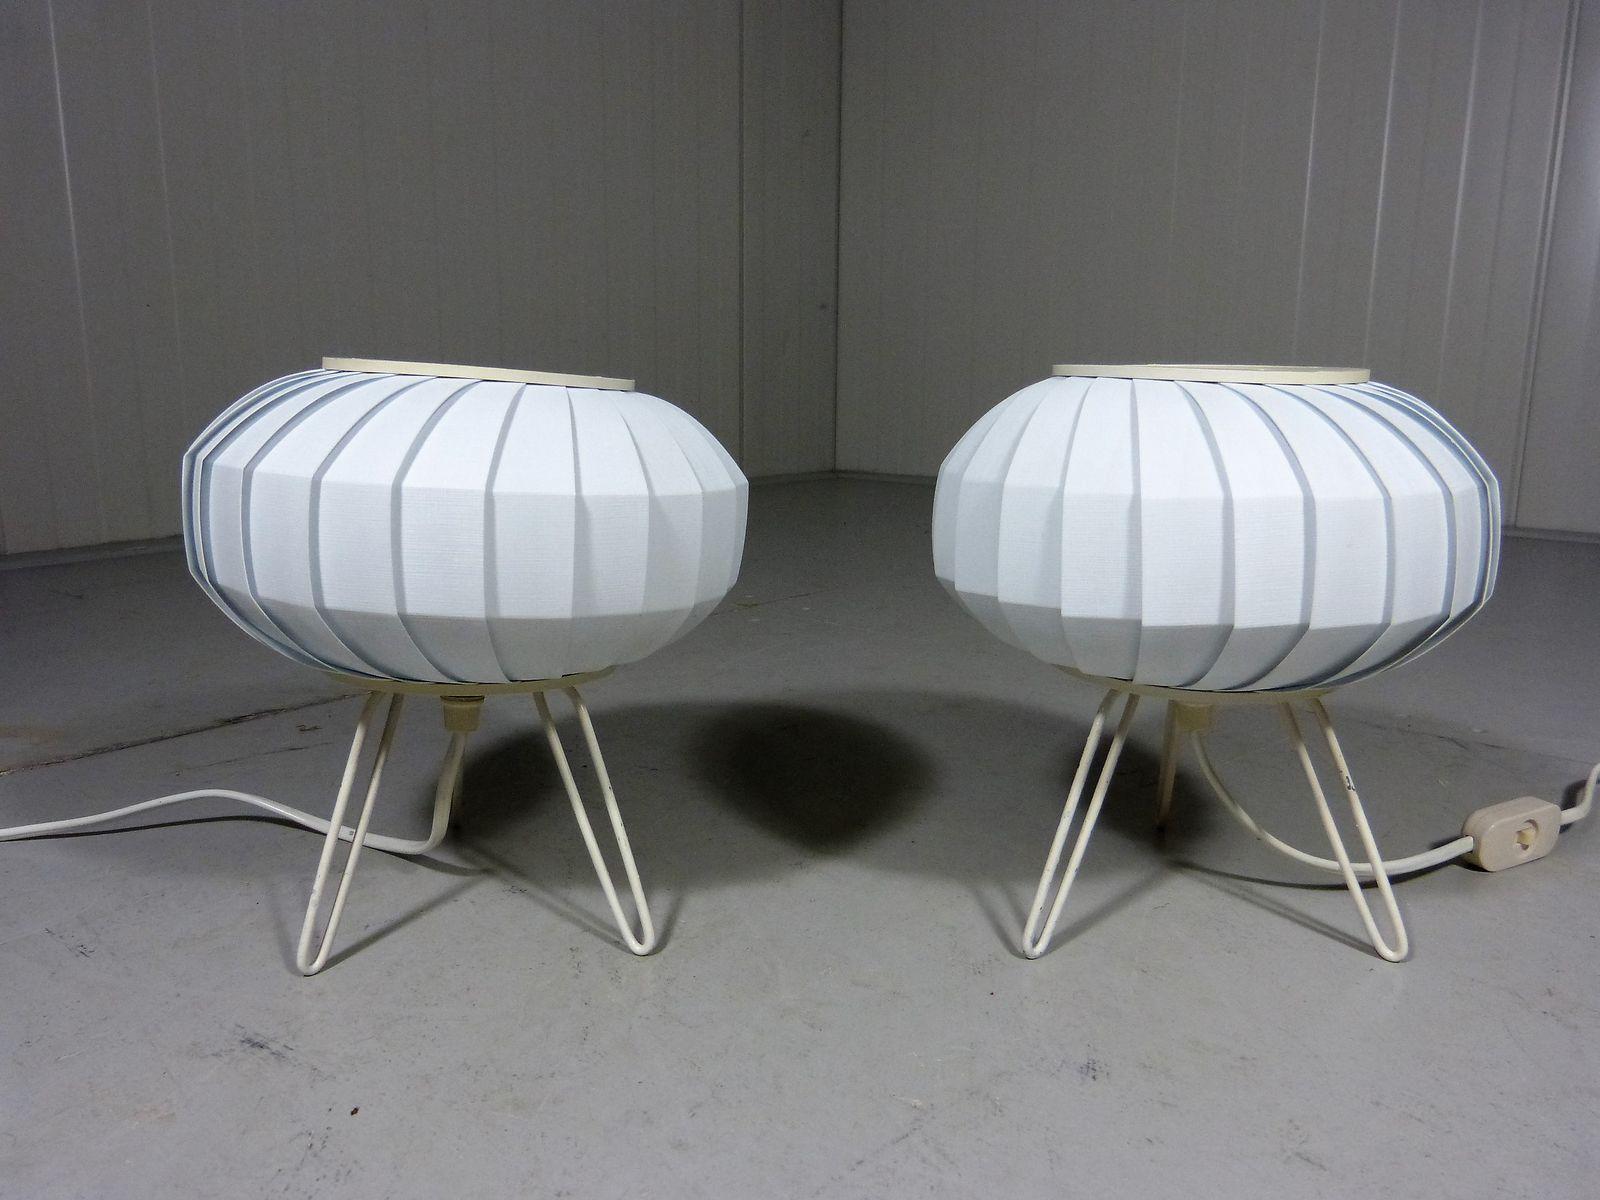 Vintage UFO Tischlampen mit Haarnadelbeinen, 1950er, 2er Set